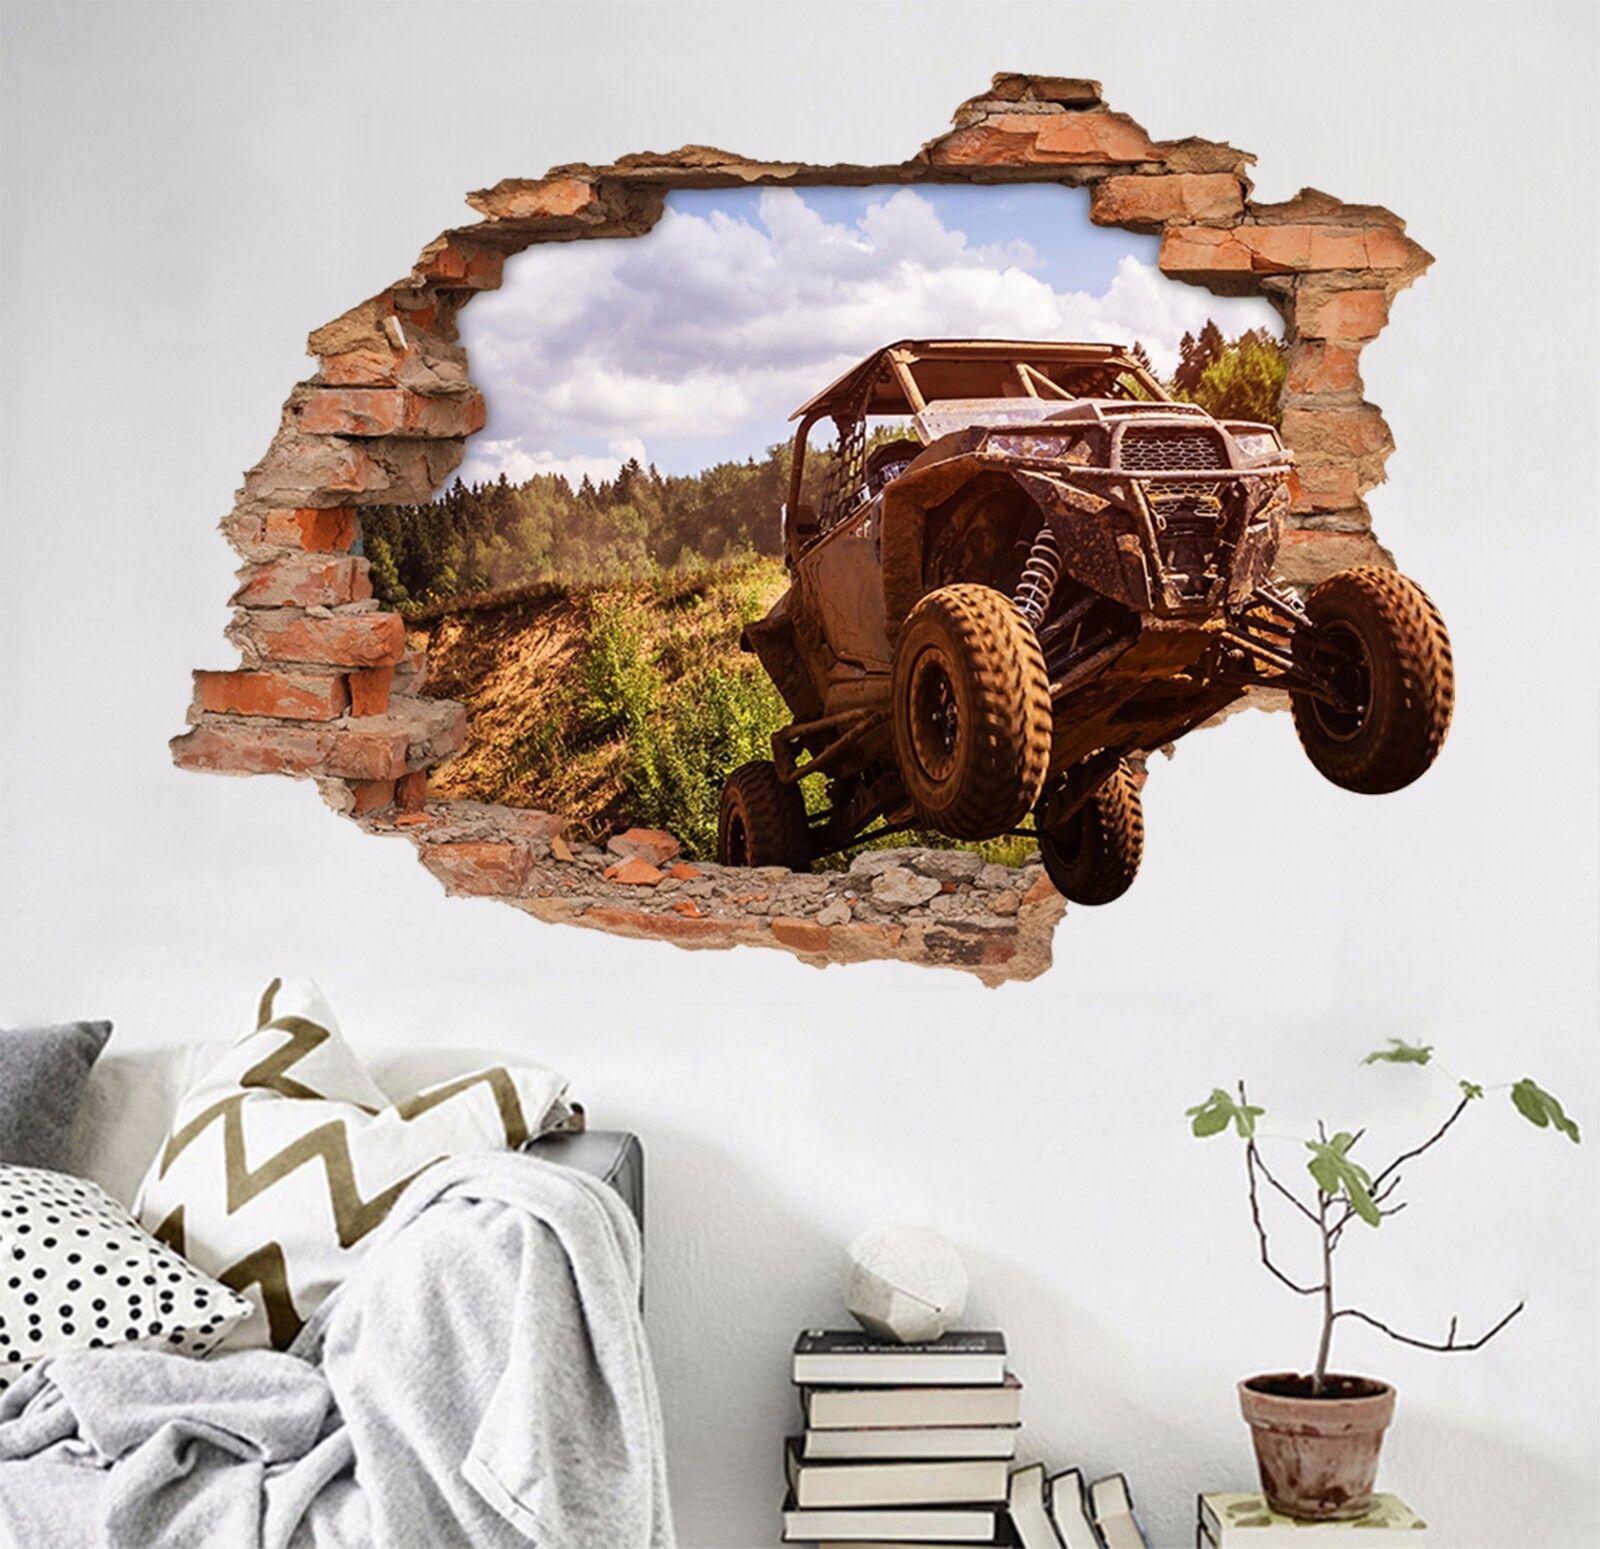 3D Berg Auto 43 Mauer Murals Aufklebe Decal Durchbruch AJ WALLPAPER DE Kyra